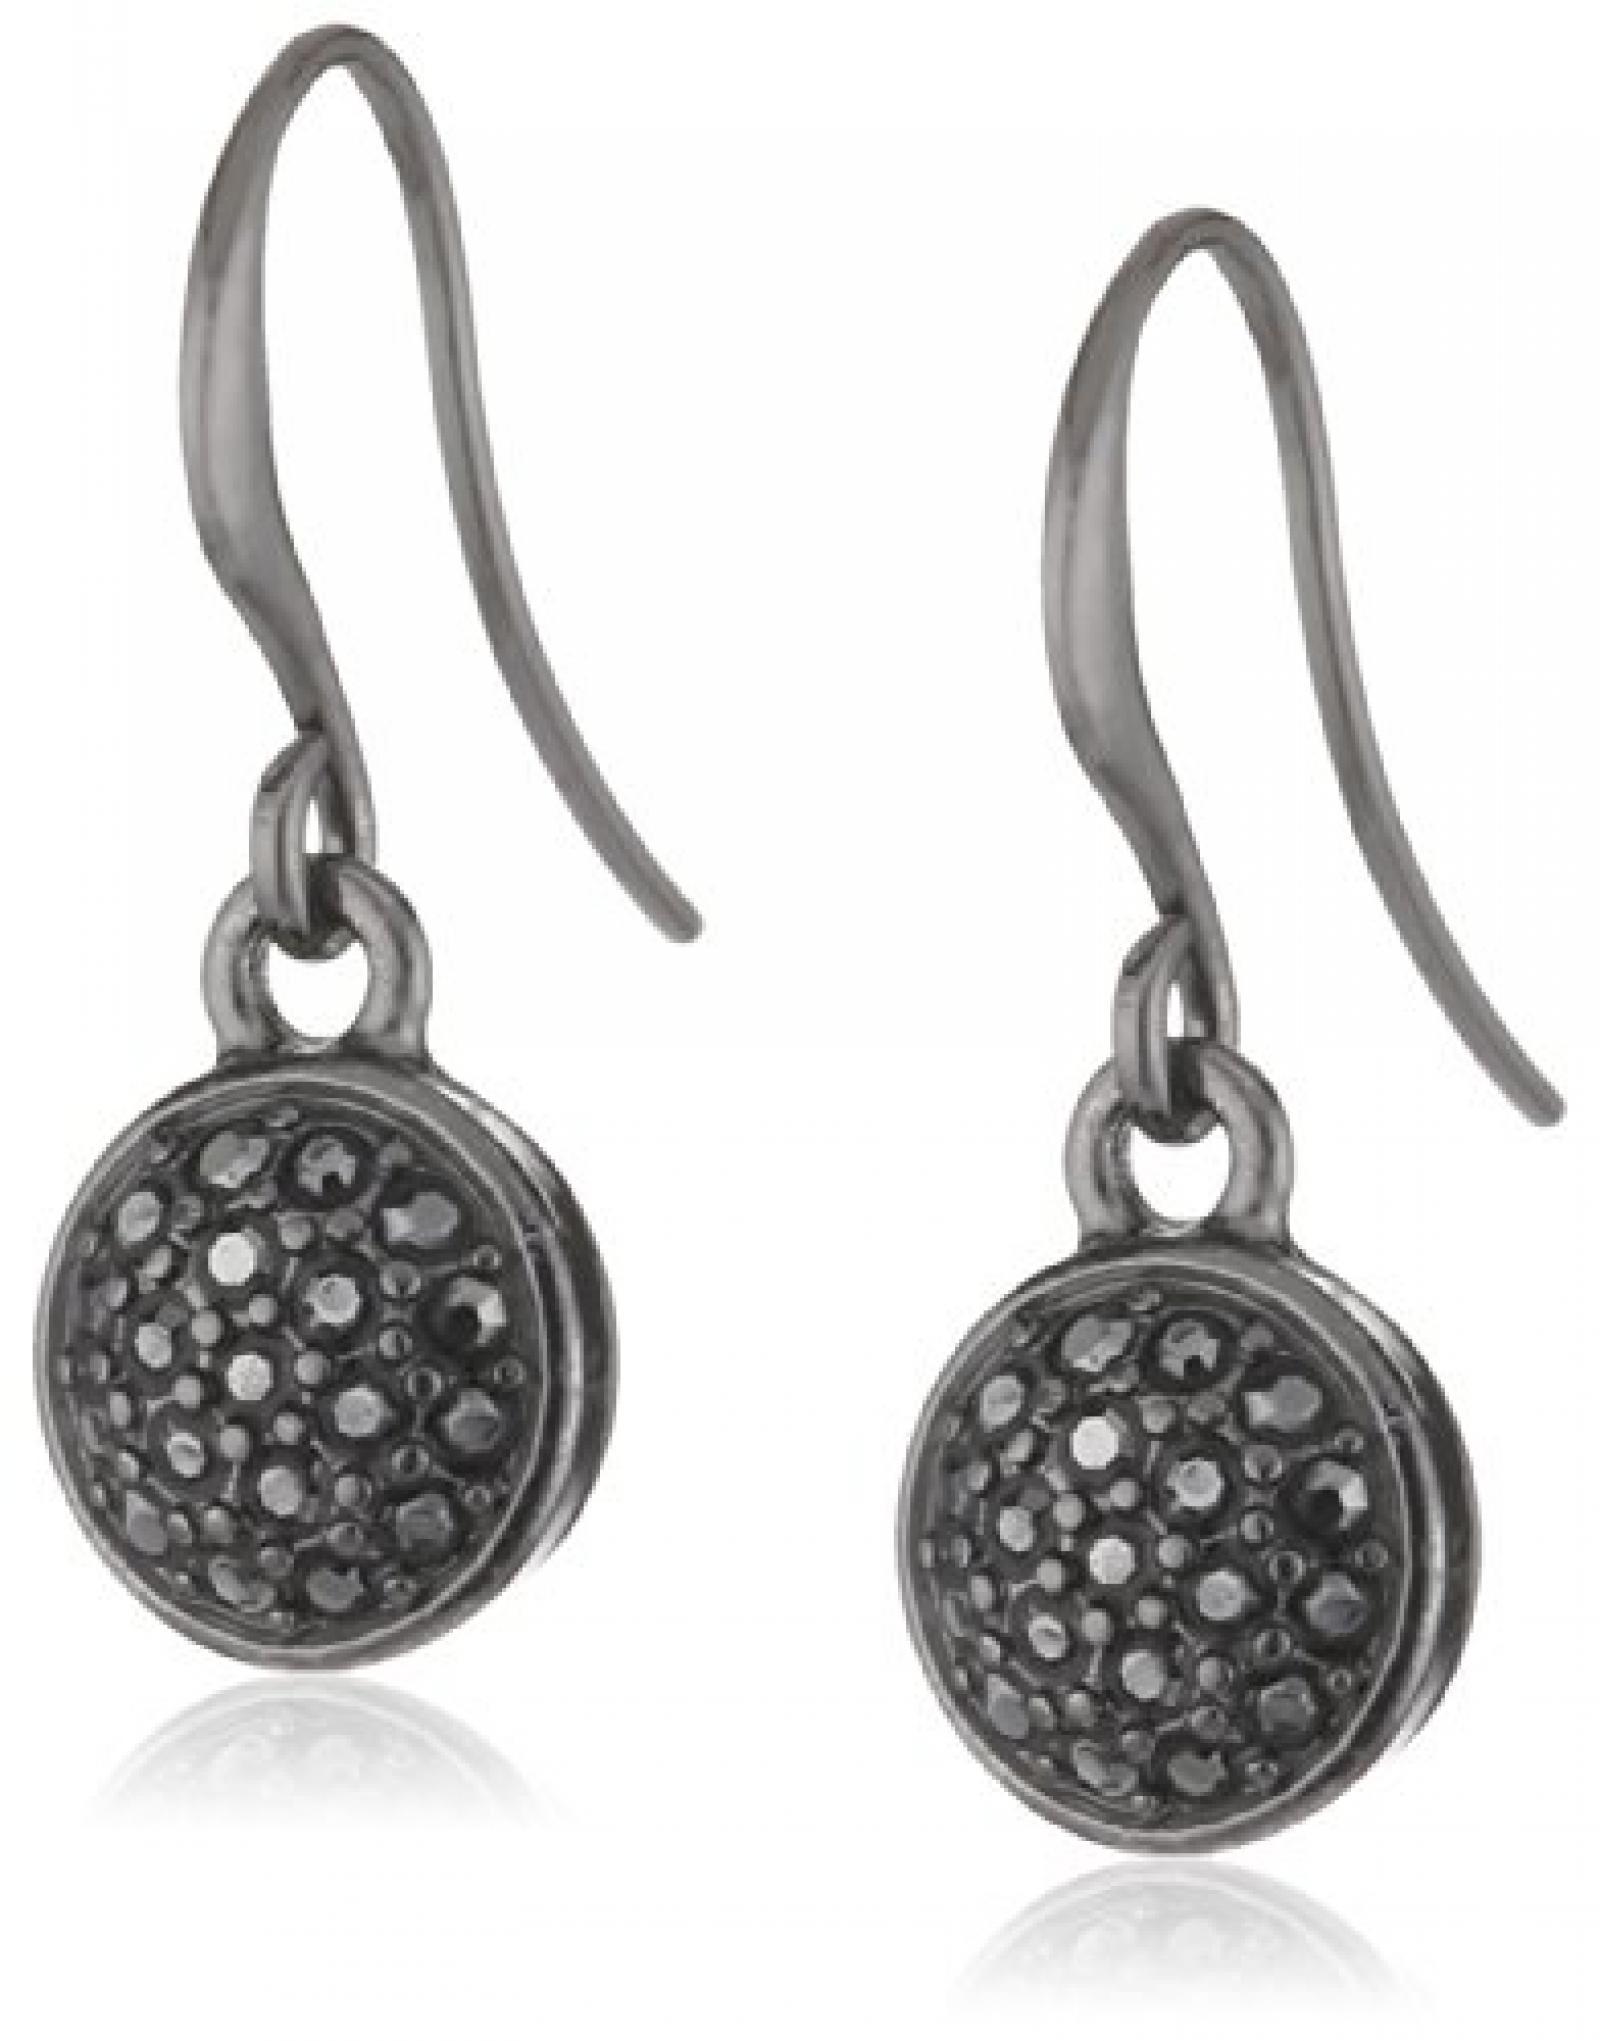 Pilgrim Jewelry Damen-Ohrringe Messing Pilgrim Damen-Ohrstecker aus der Serie Classic hematite beschichtet,schwarz 2.5 cm 601333013